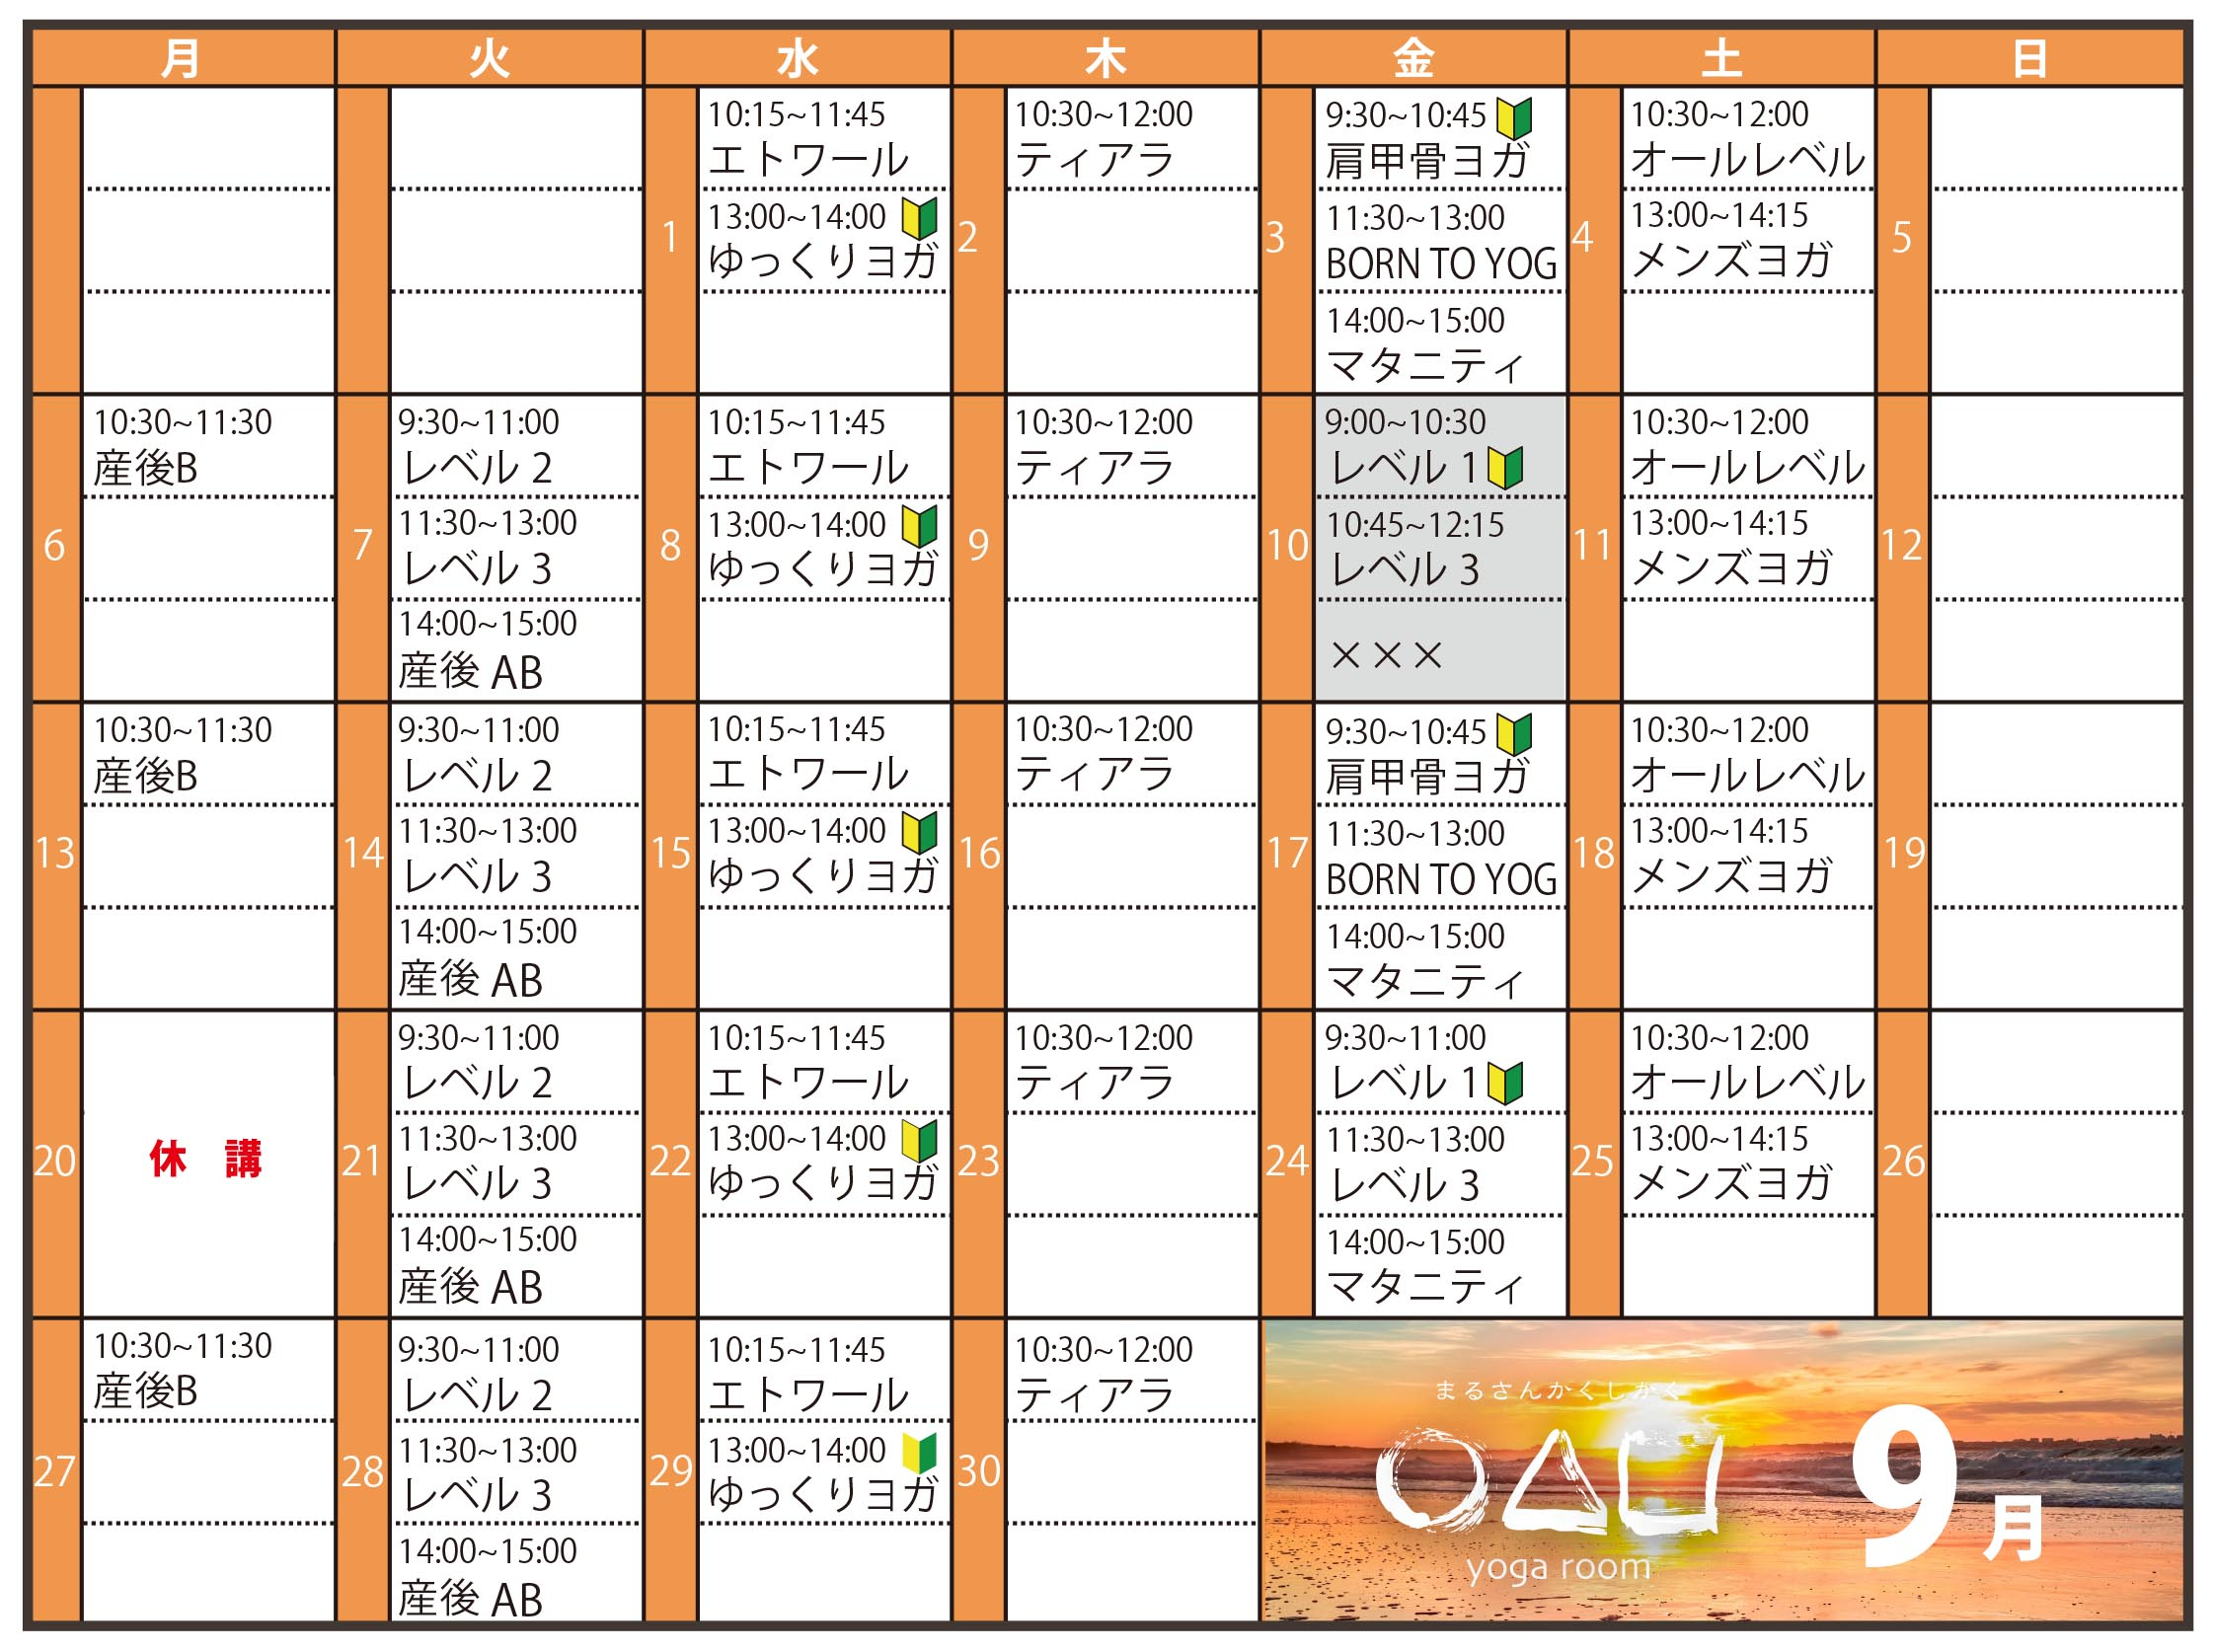 20210803_marusankakusikaku_9gatsu